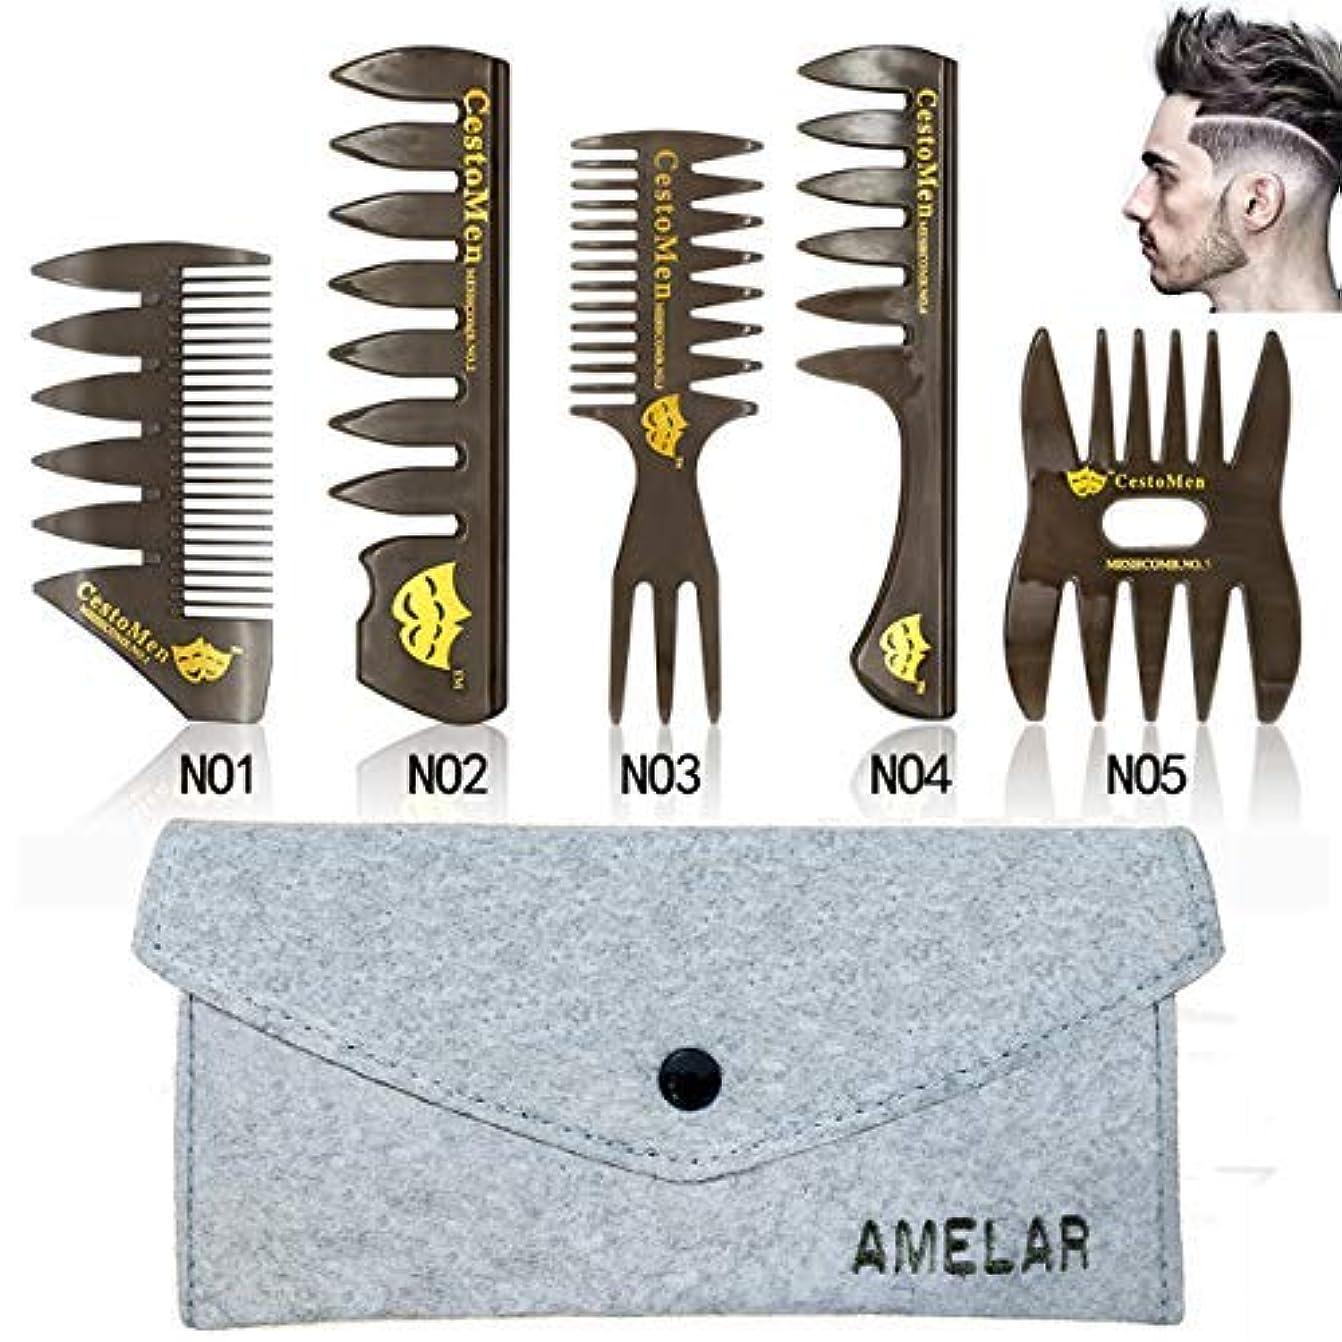 違う相関するアプト6 PCS Hair Comb Styling Set Barber Hairstylist Accessories,Professional Shaping & Wet Pick Barber Brush Tools,...